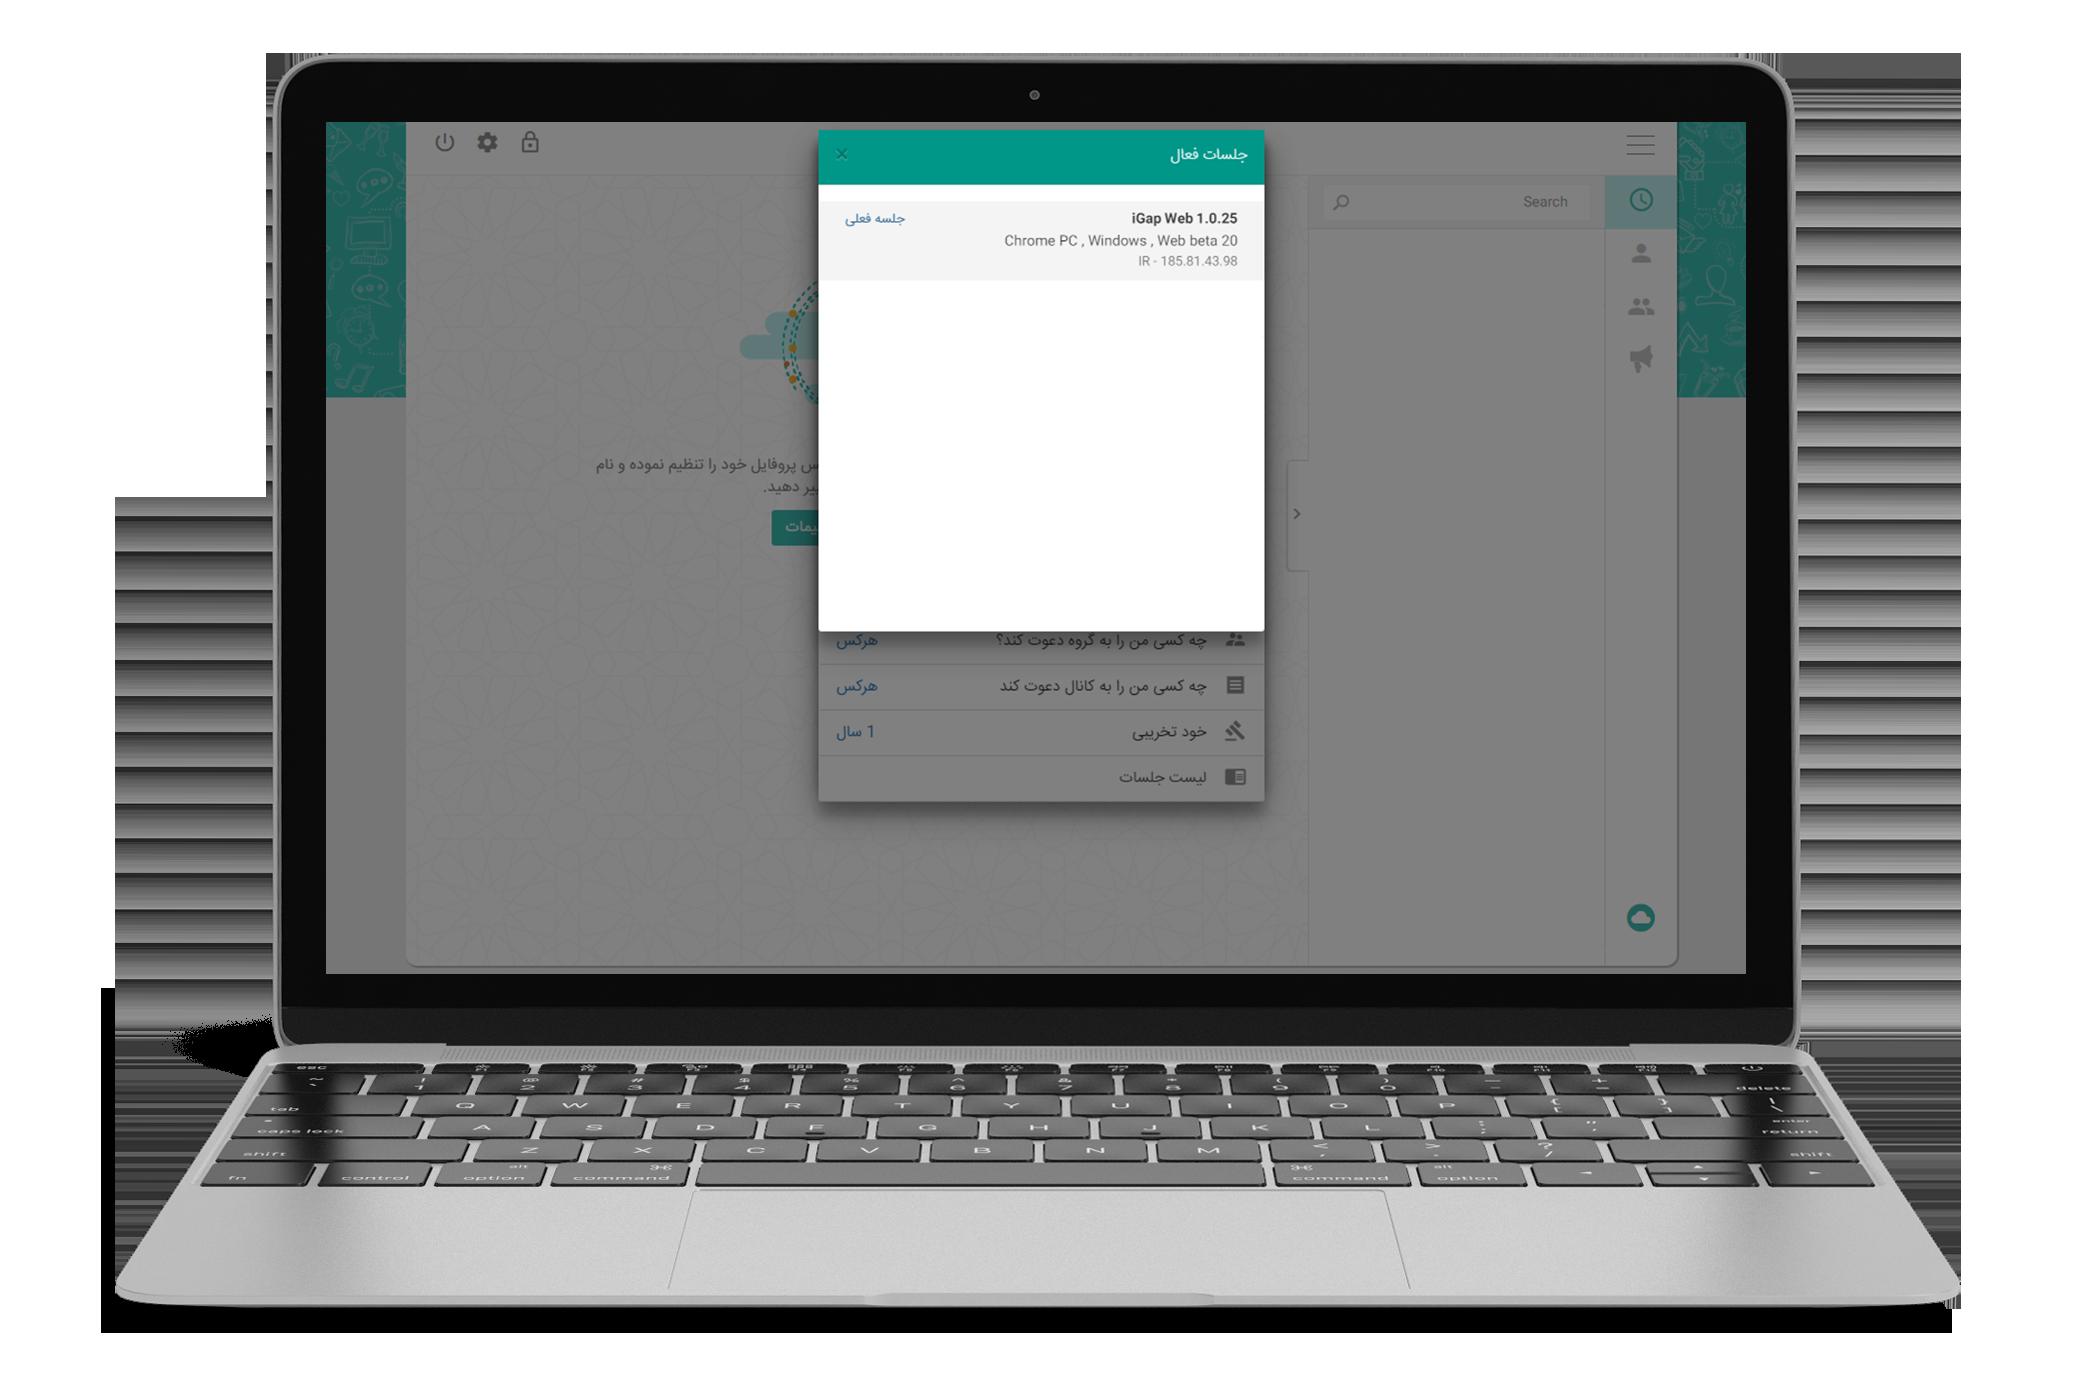 بستن جلسات فعال در نسخهٔ وب آیگپ